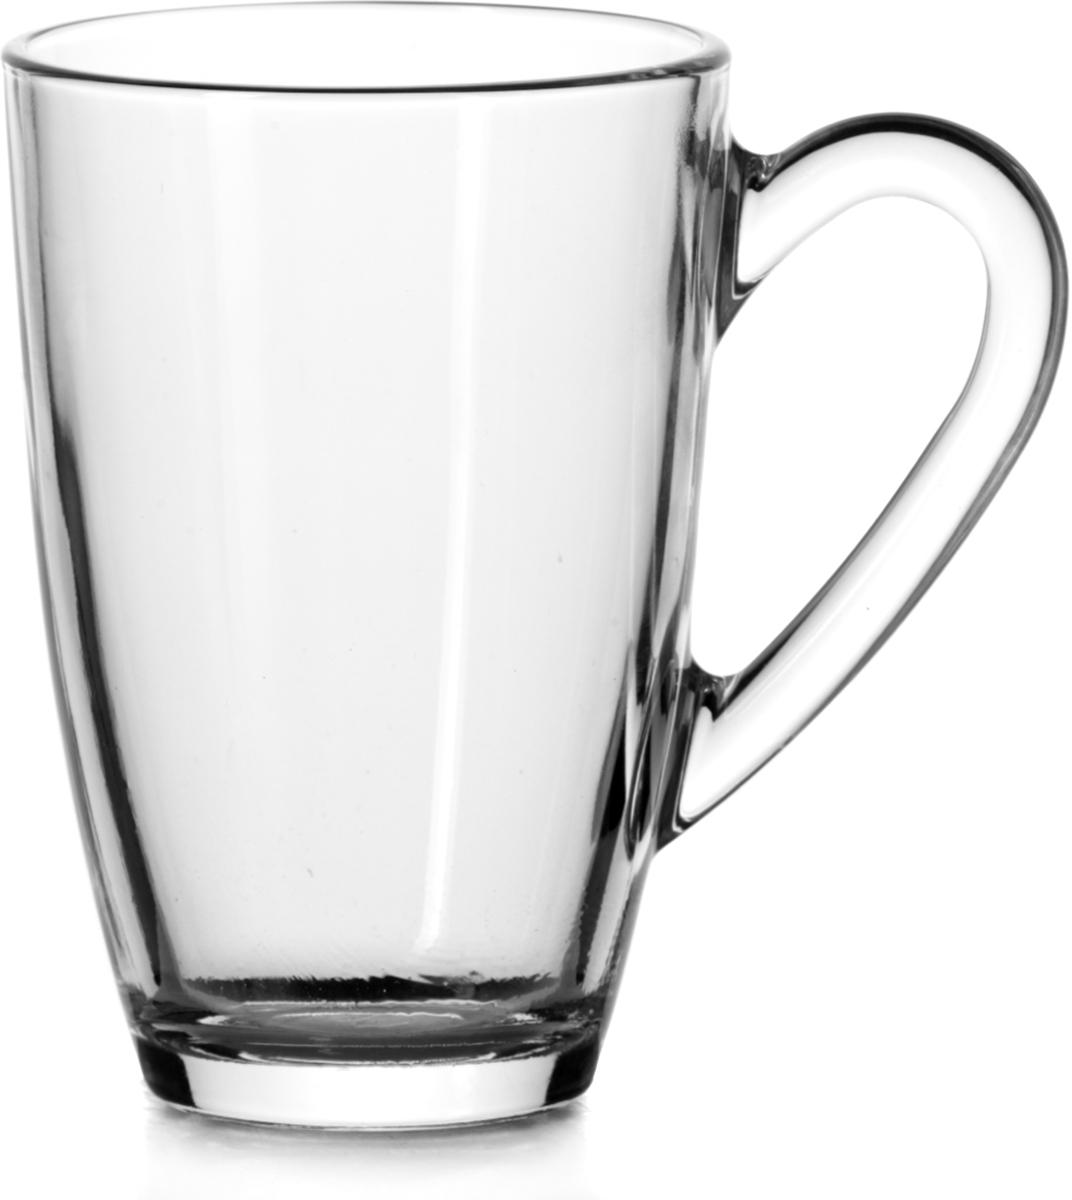 Кружка Pasabahce Аква55393SLBTКружка Pasabahce Аква из закаленного стекла идеально подходит для сервировки стола. Кружка не только украсит ваш кухонный стол, но и подчеркнет прекрасный вкус хозяйки.